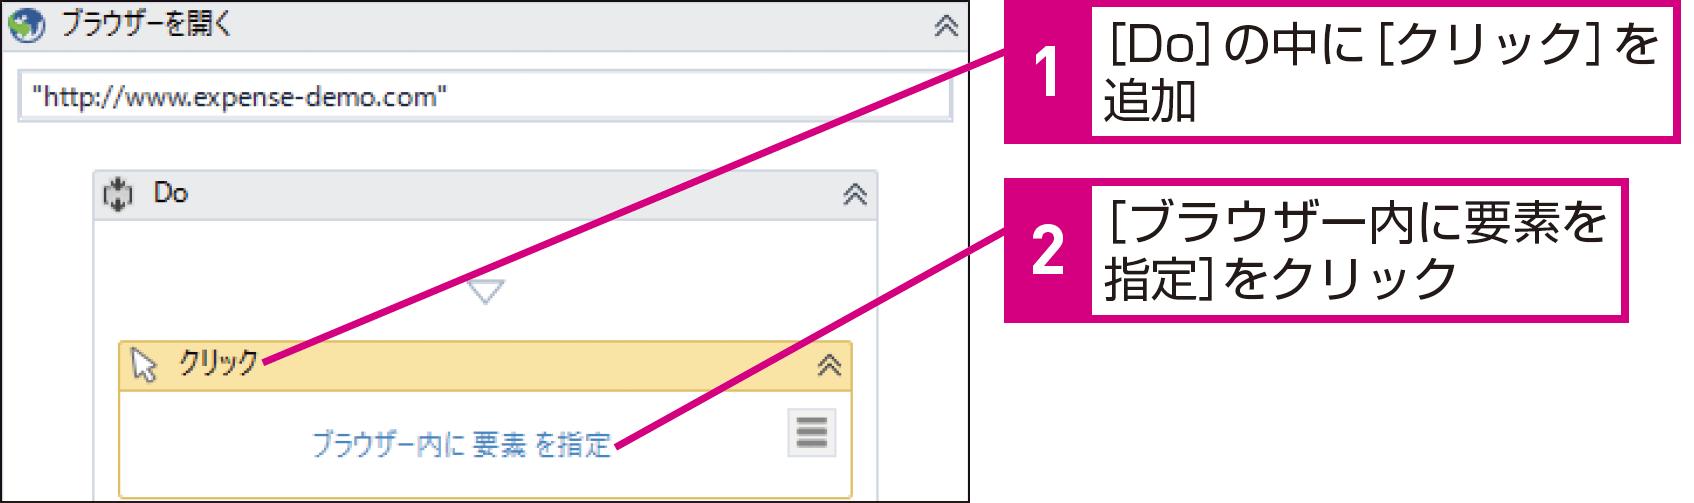 ExcelのデータをWebアプリに入力するには(Excelデータからの入力) - できるUiPath